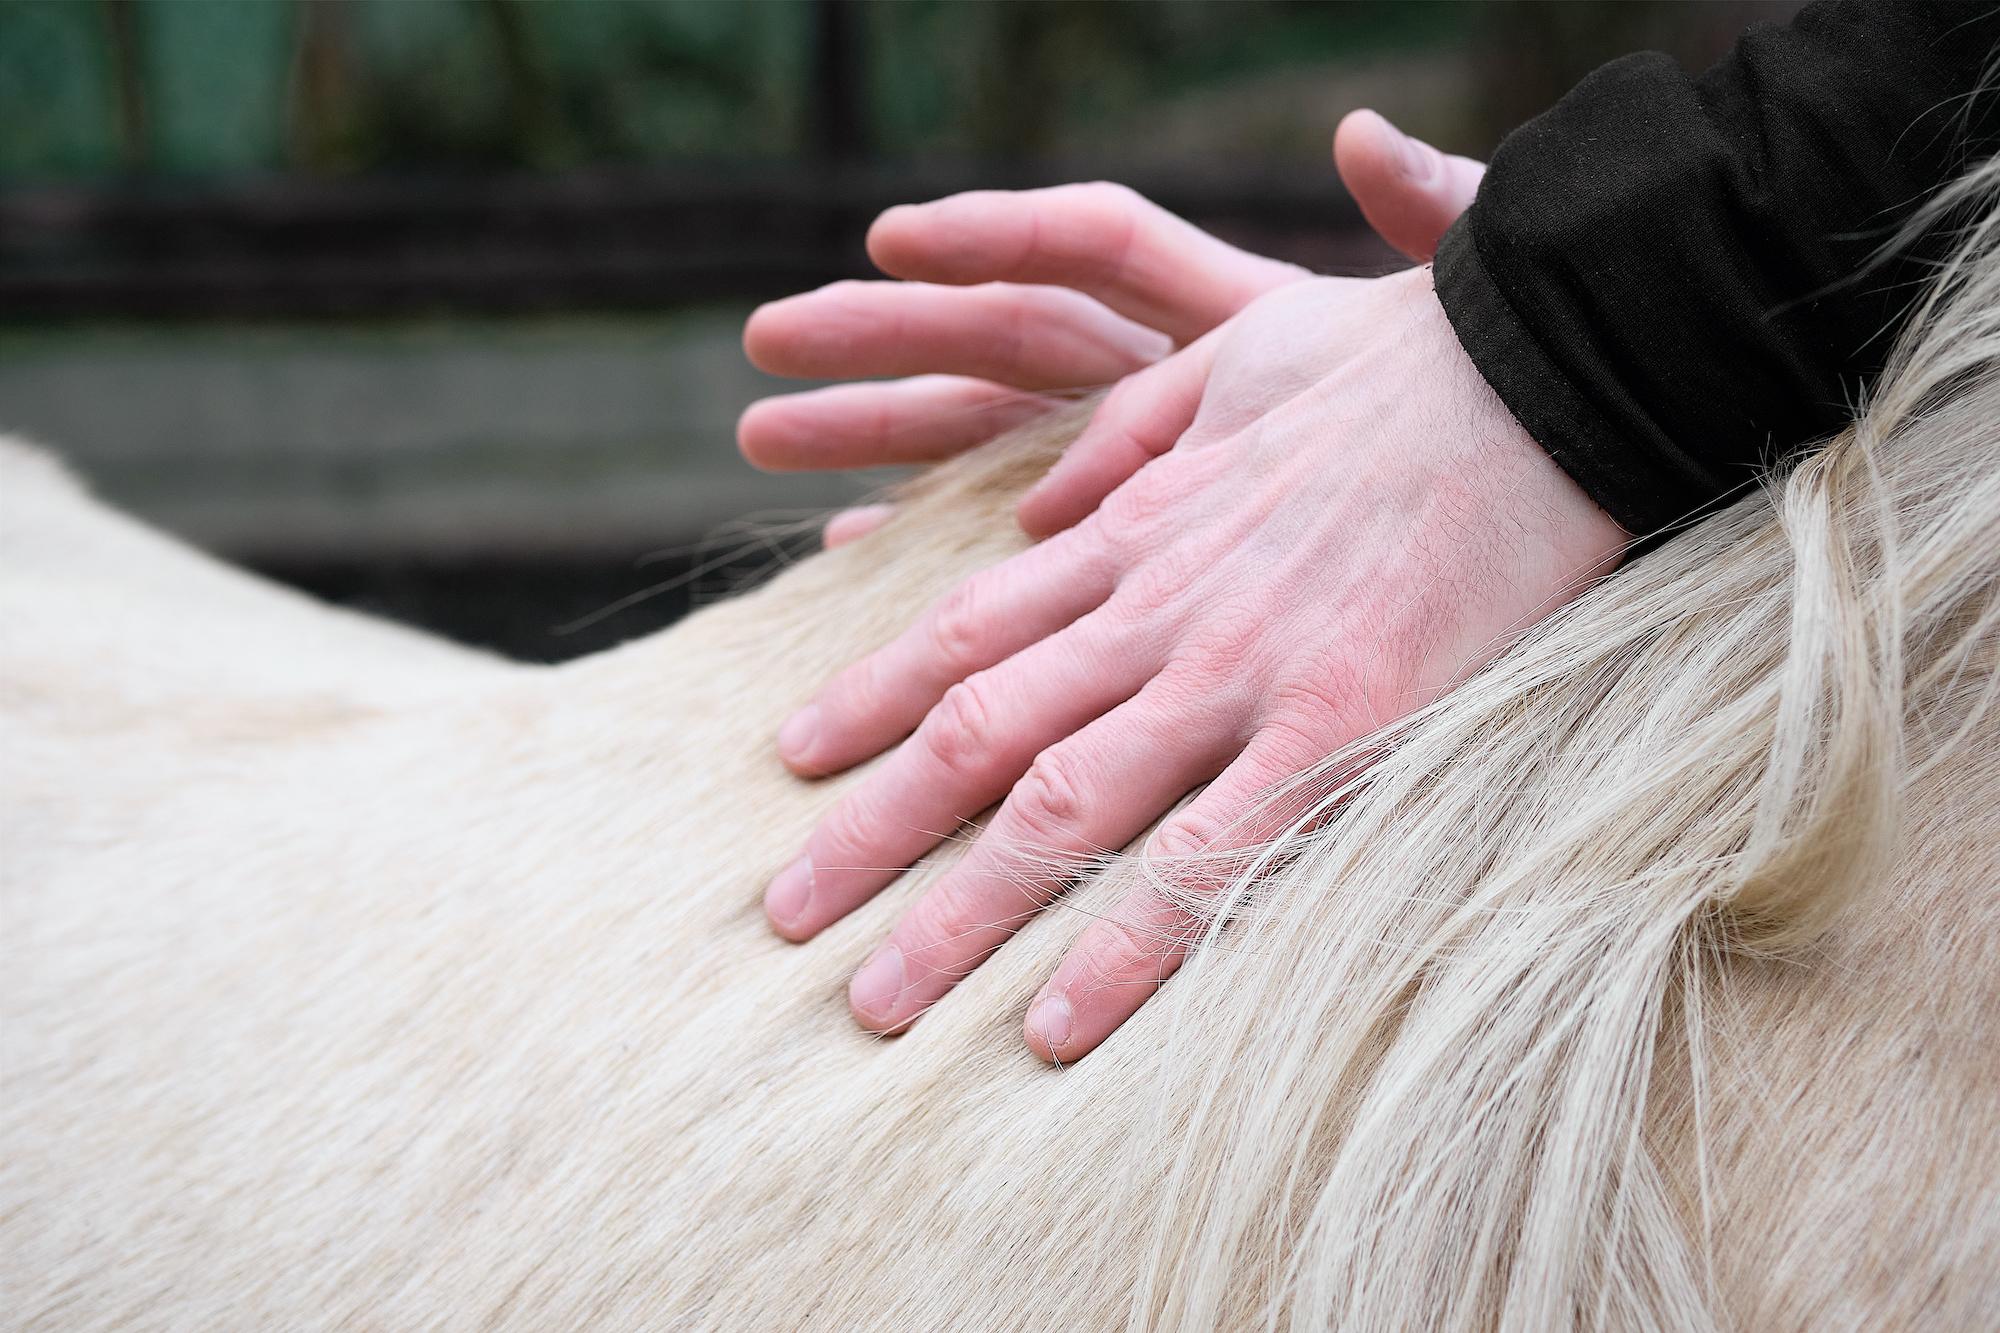 Video - Interview: Fragen zur Faszien Therapie am Pferd